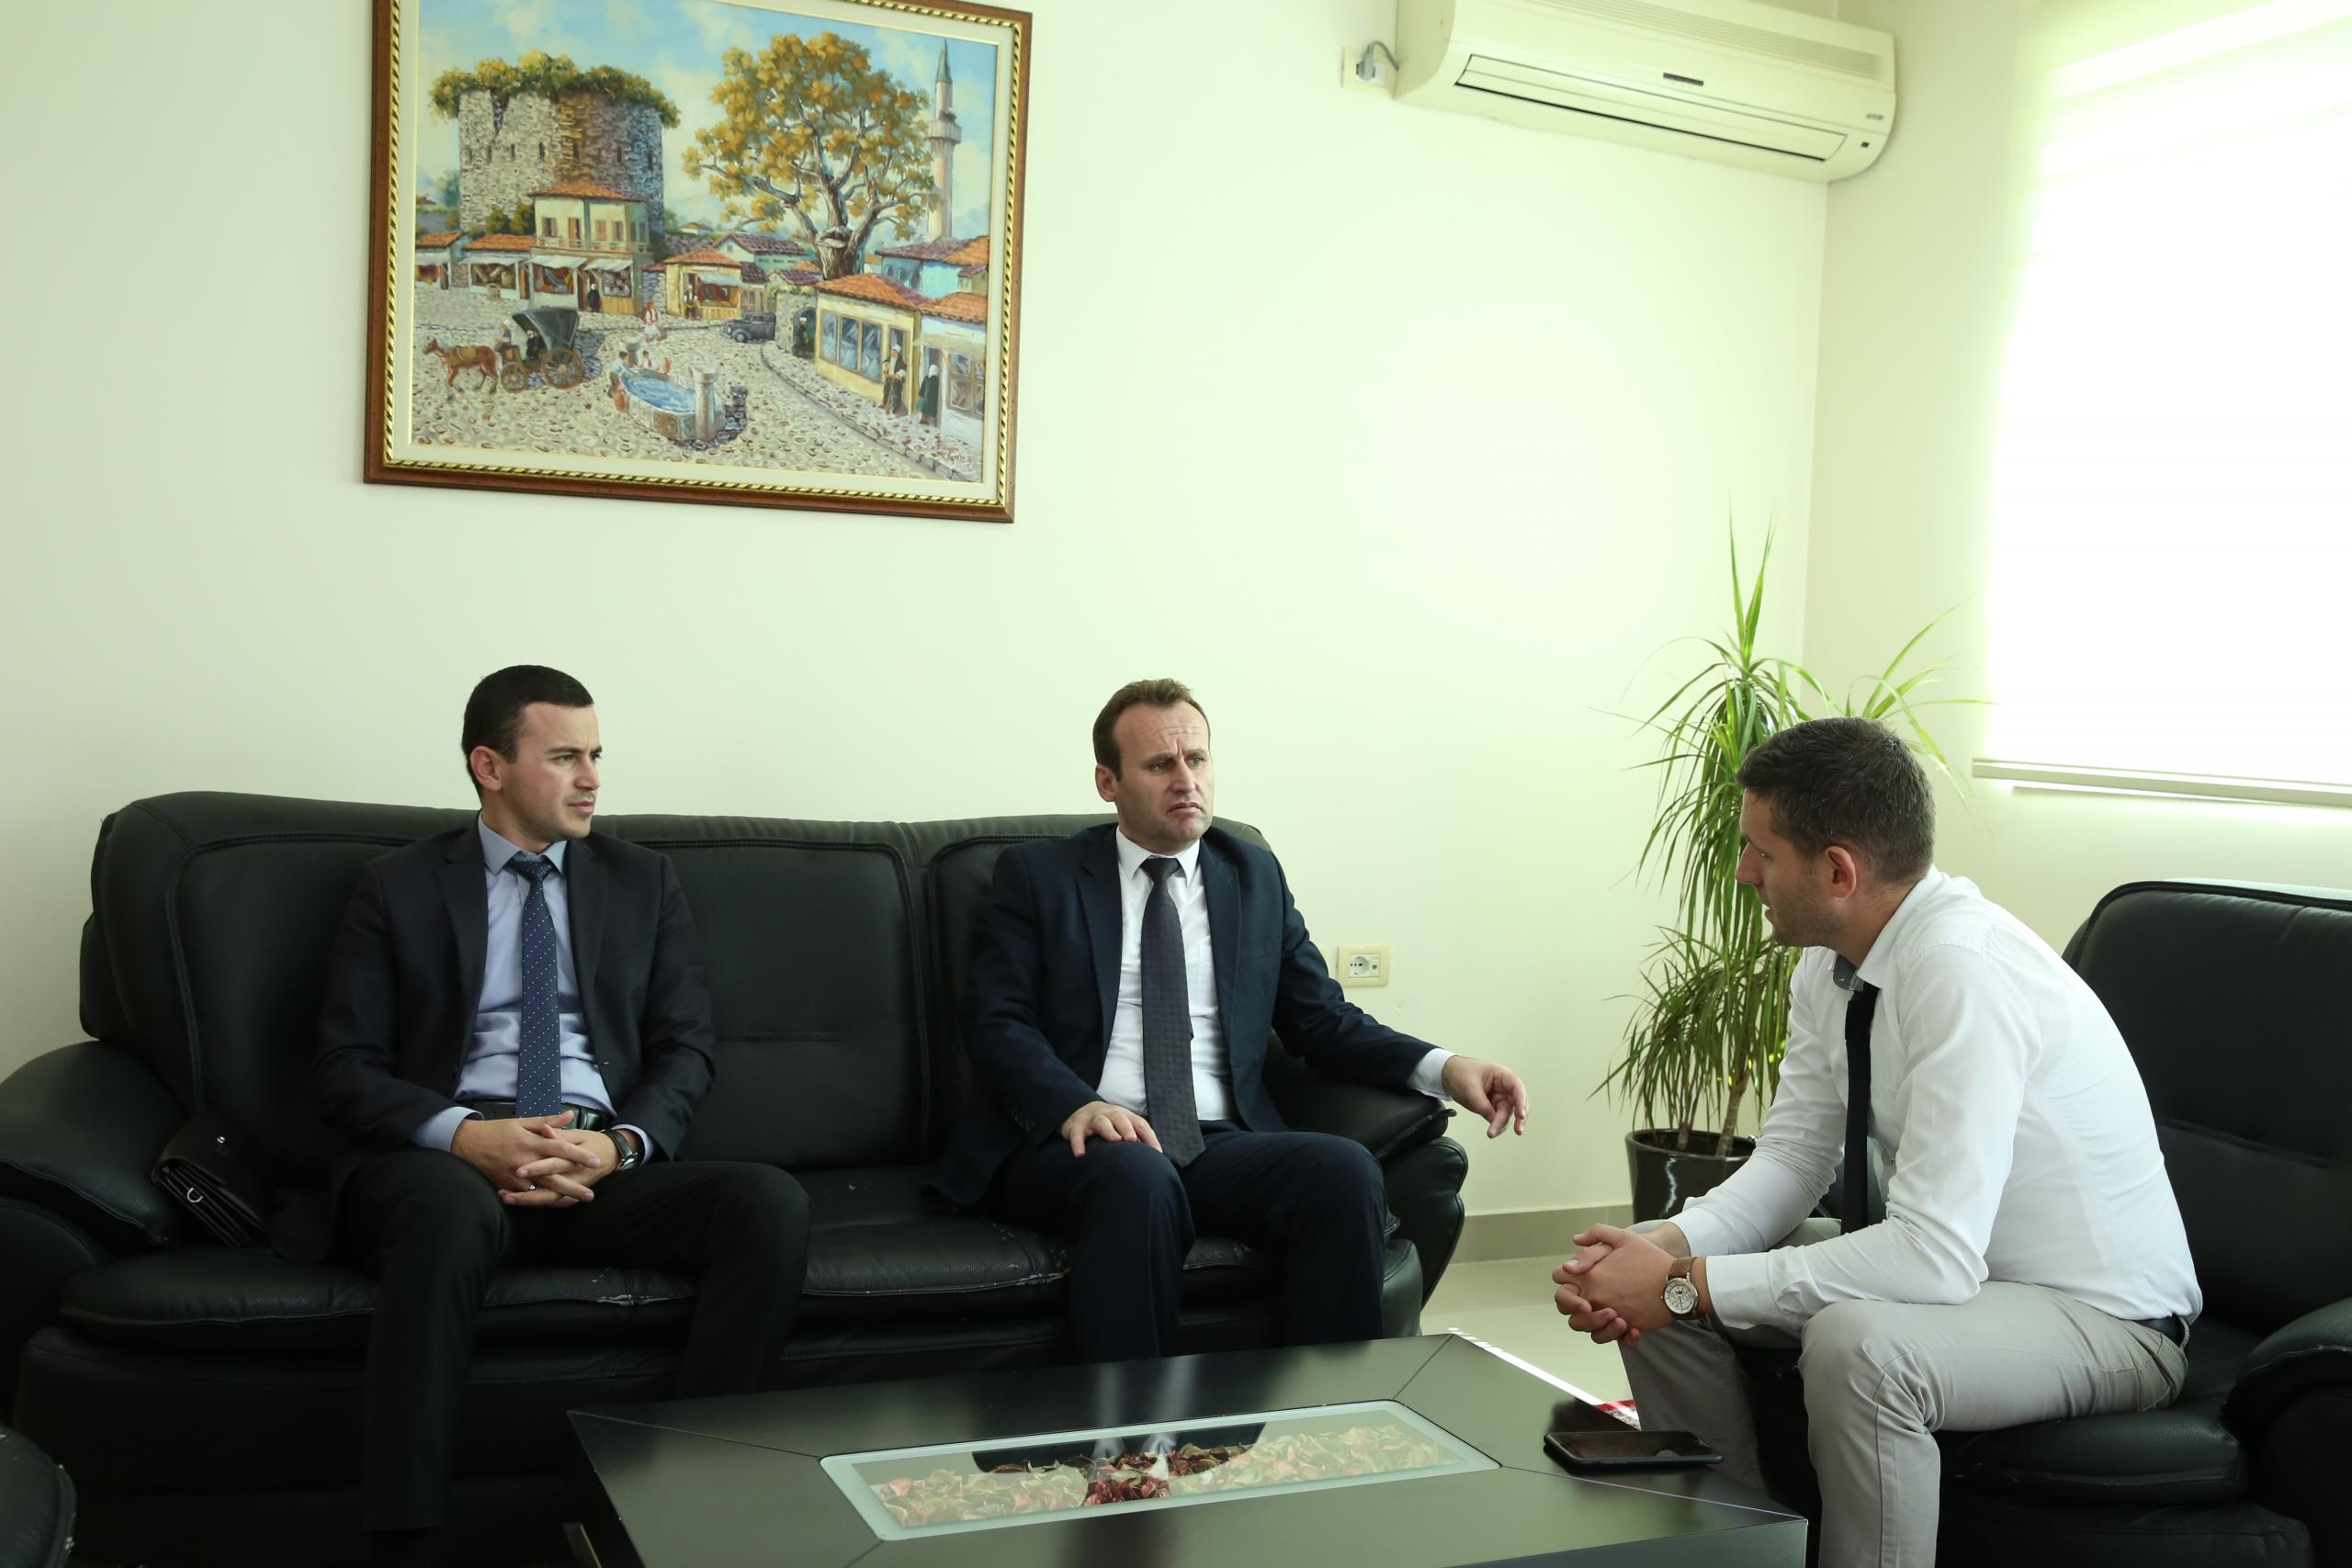 Kreu i KMSH-së viziton Medresenë e Elbasanit